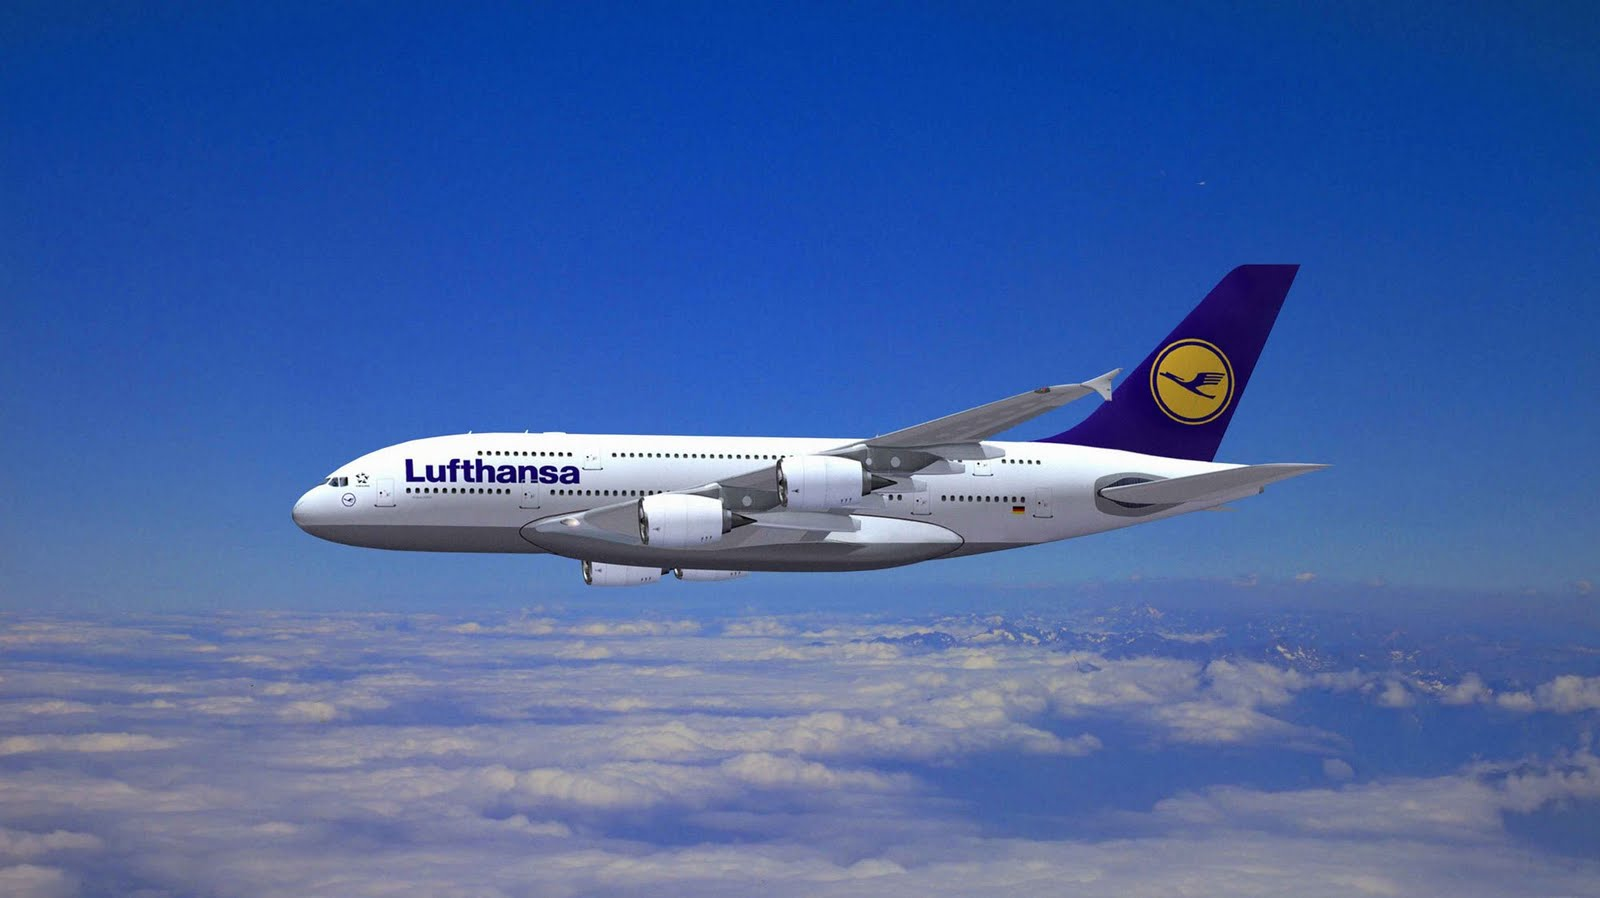 http://1.bp.blogspot.com/-GOmwR5fHJT4/Ta-yUlSX7oI/AAAAAAAAFOw/BRVSmVZicR4/s1600/a380_lufthansa_airlines.jpg